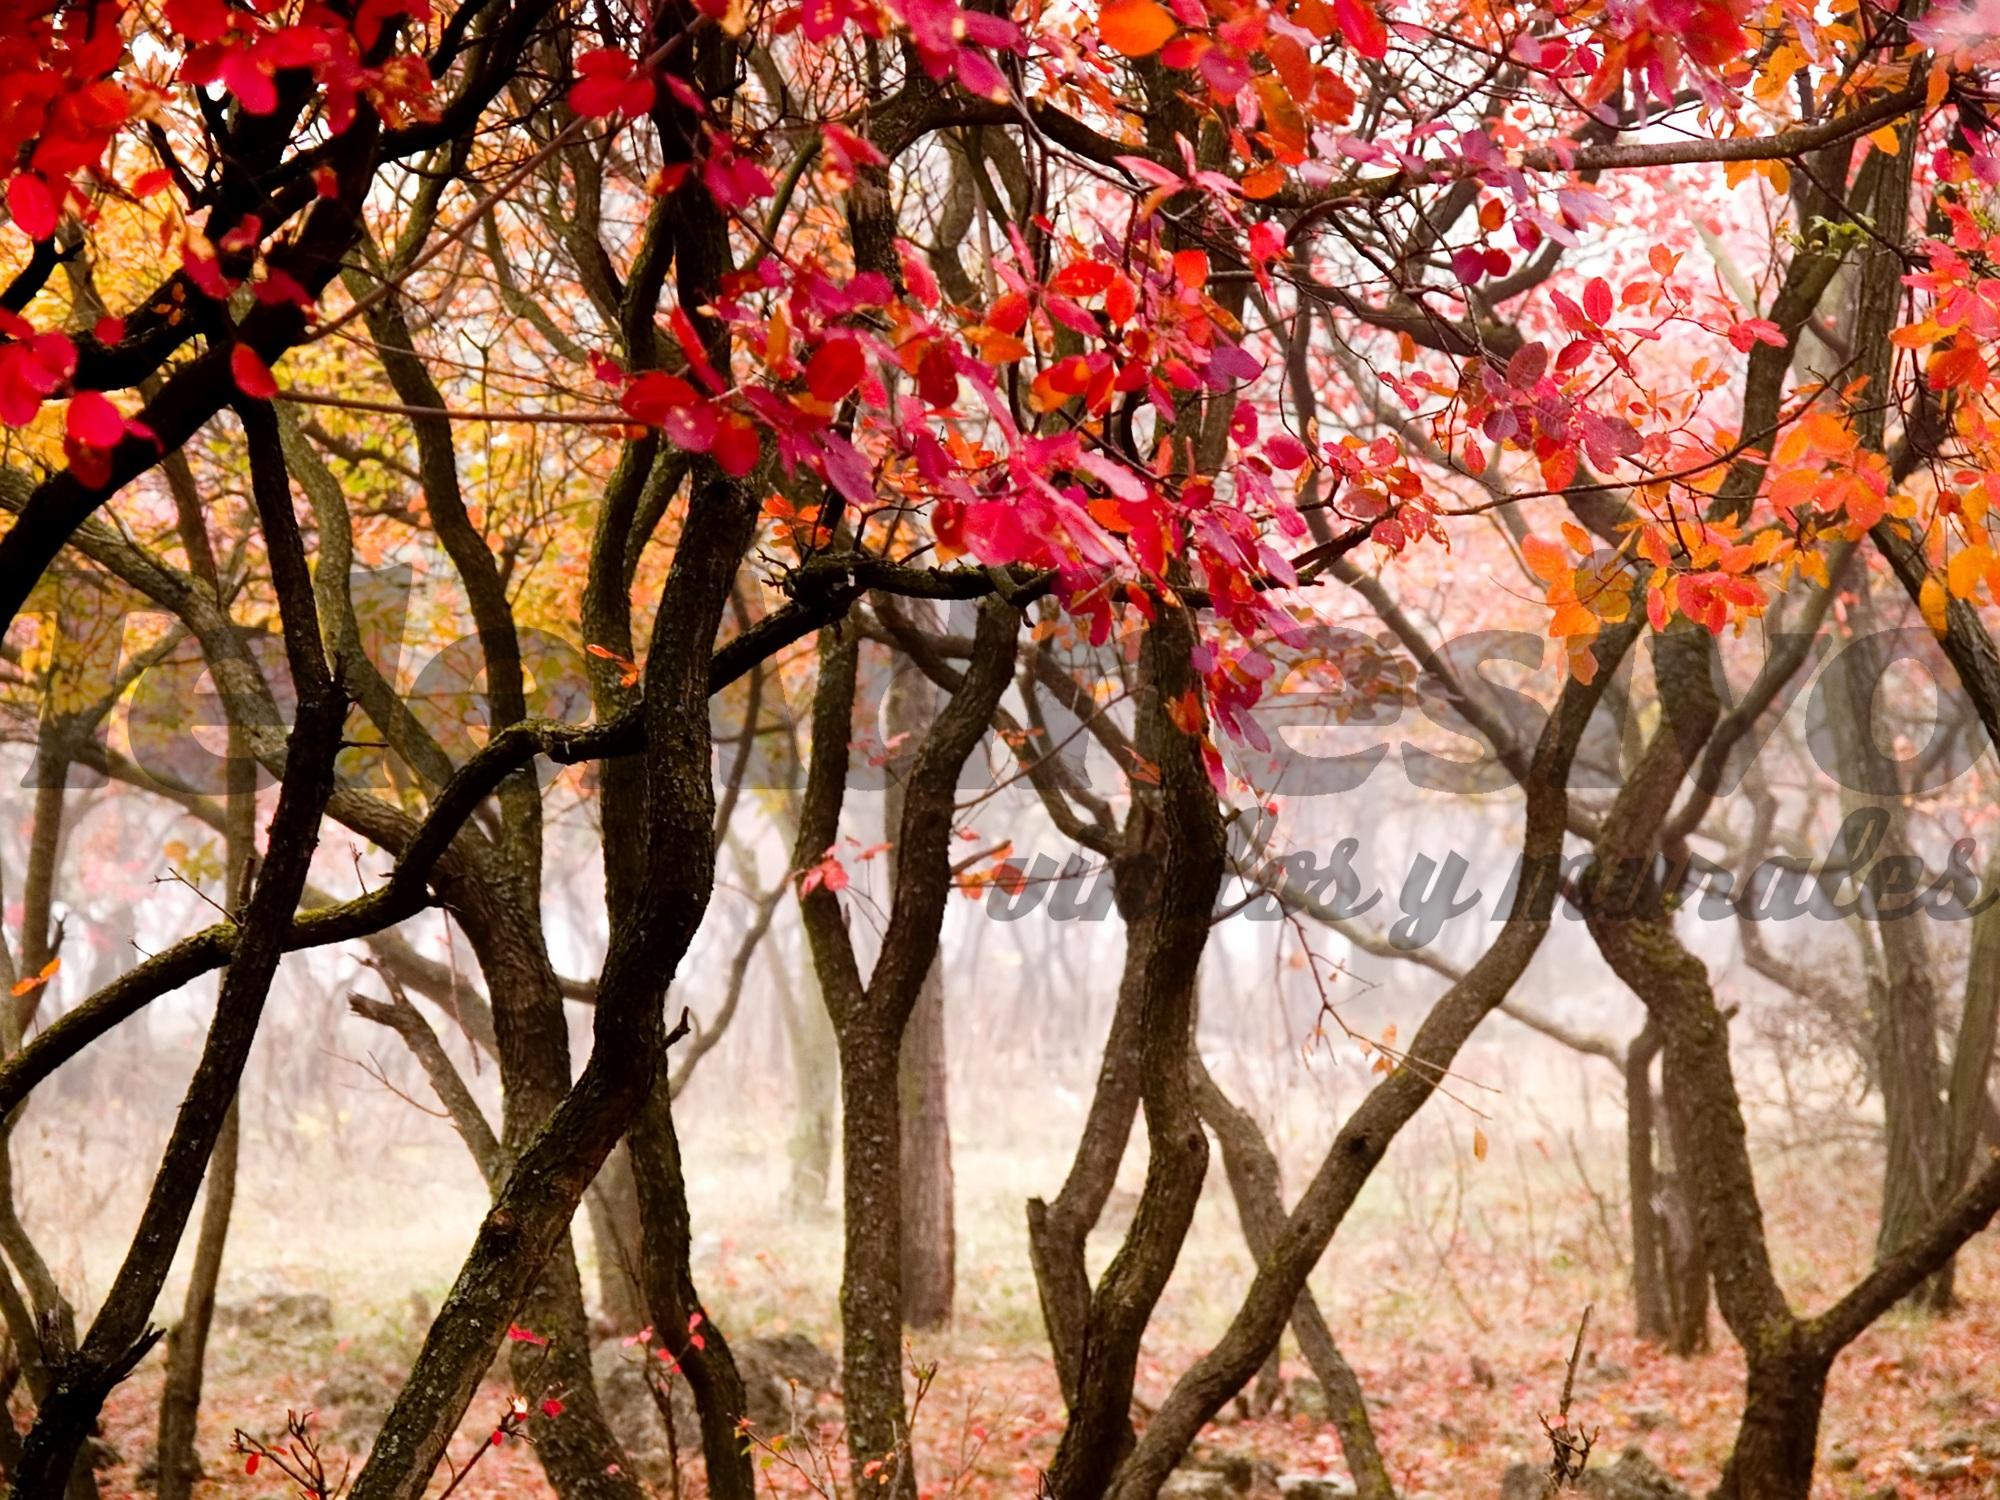 Fototapeten: Die rote Wald